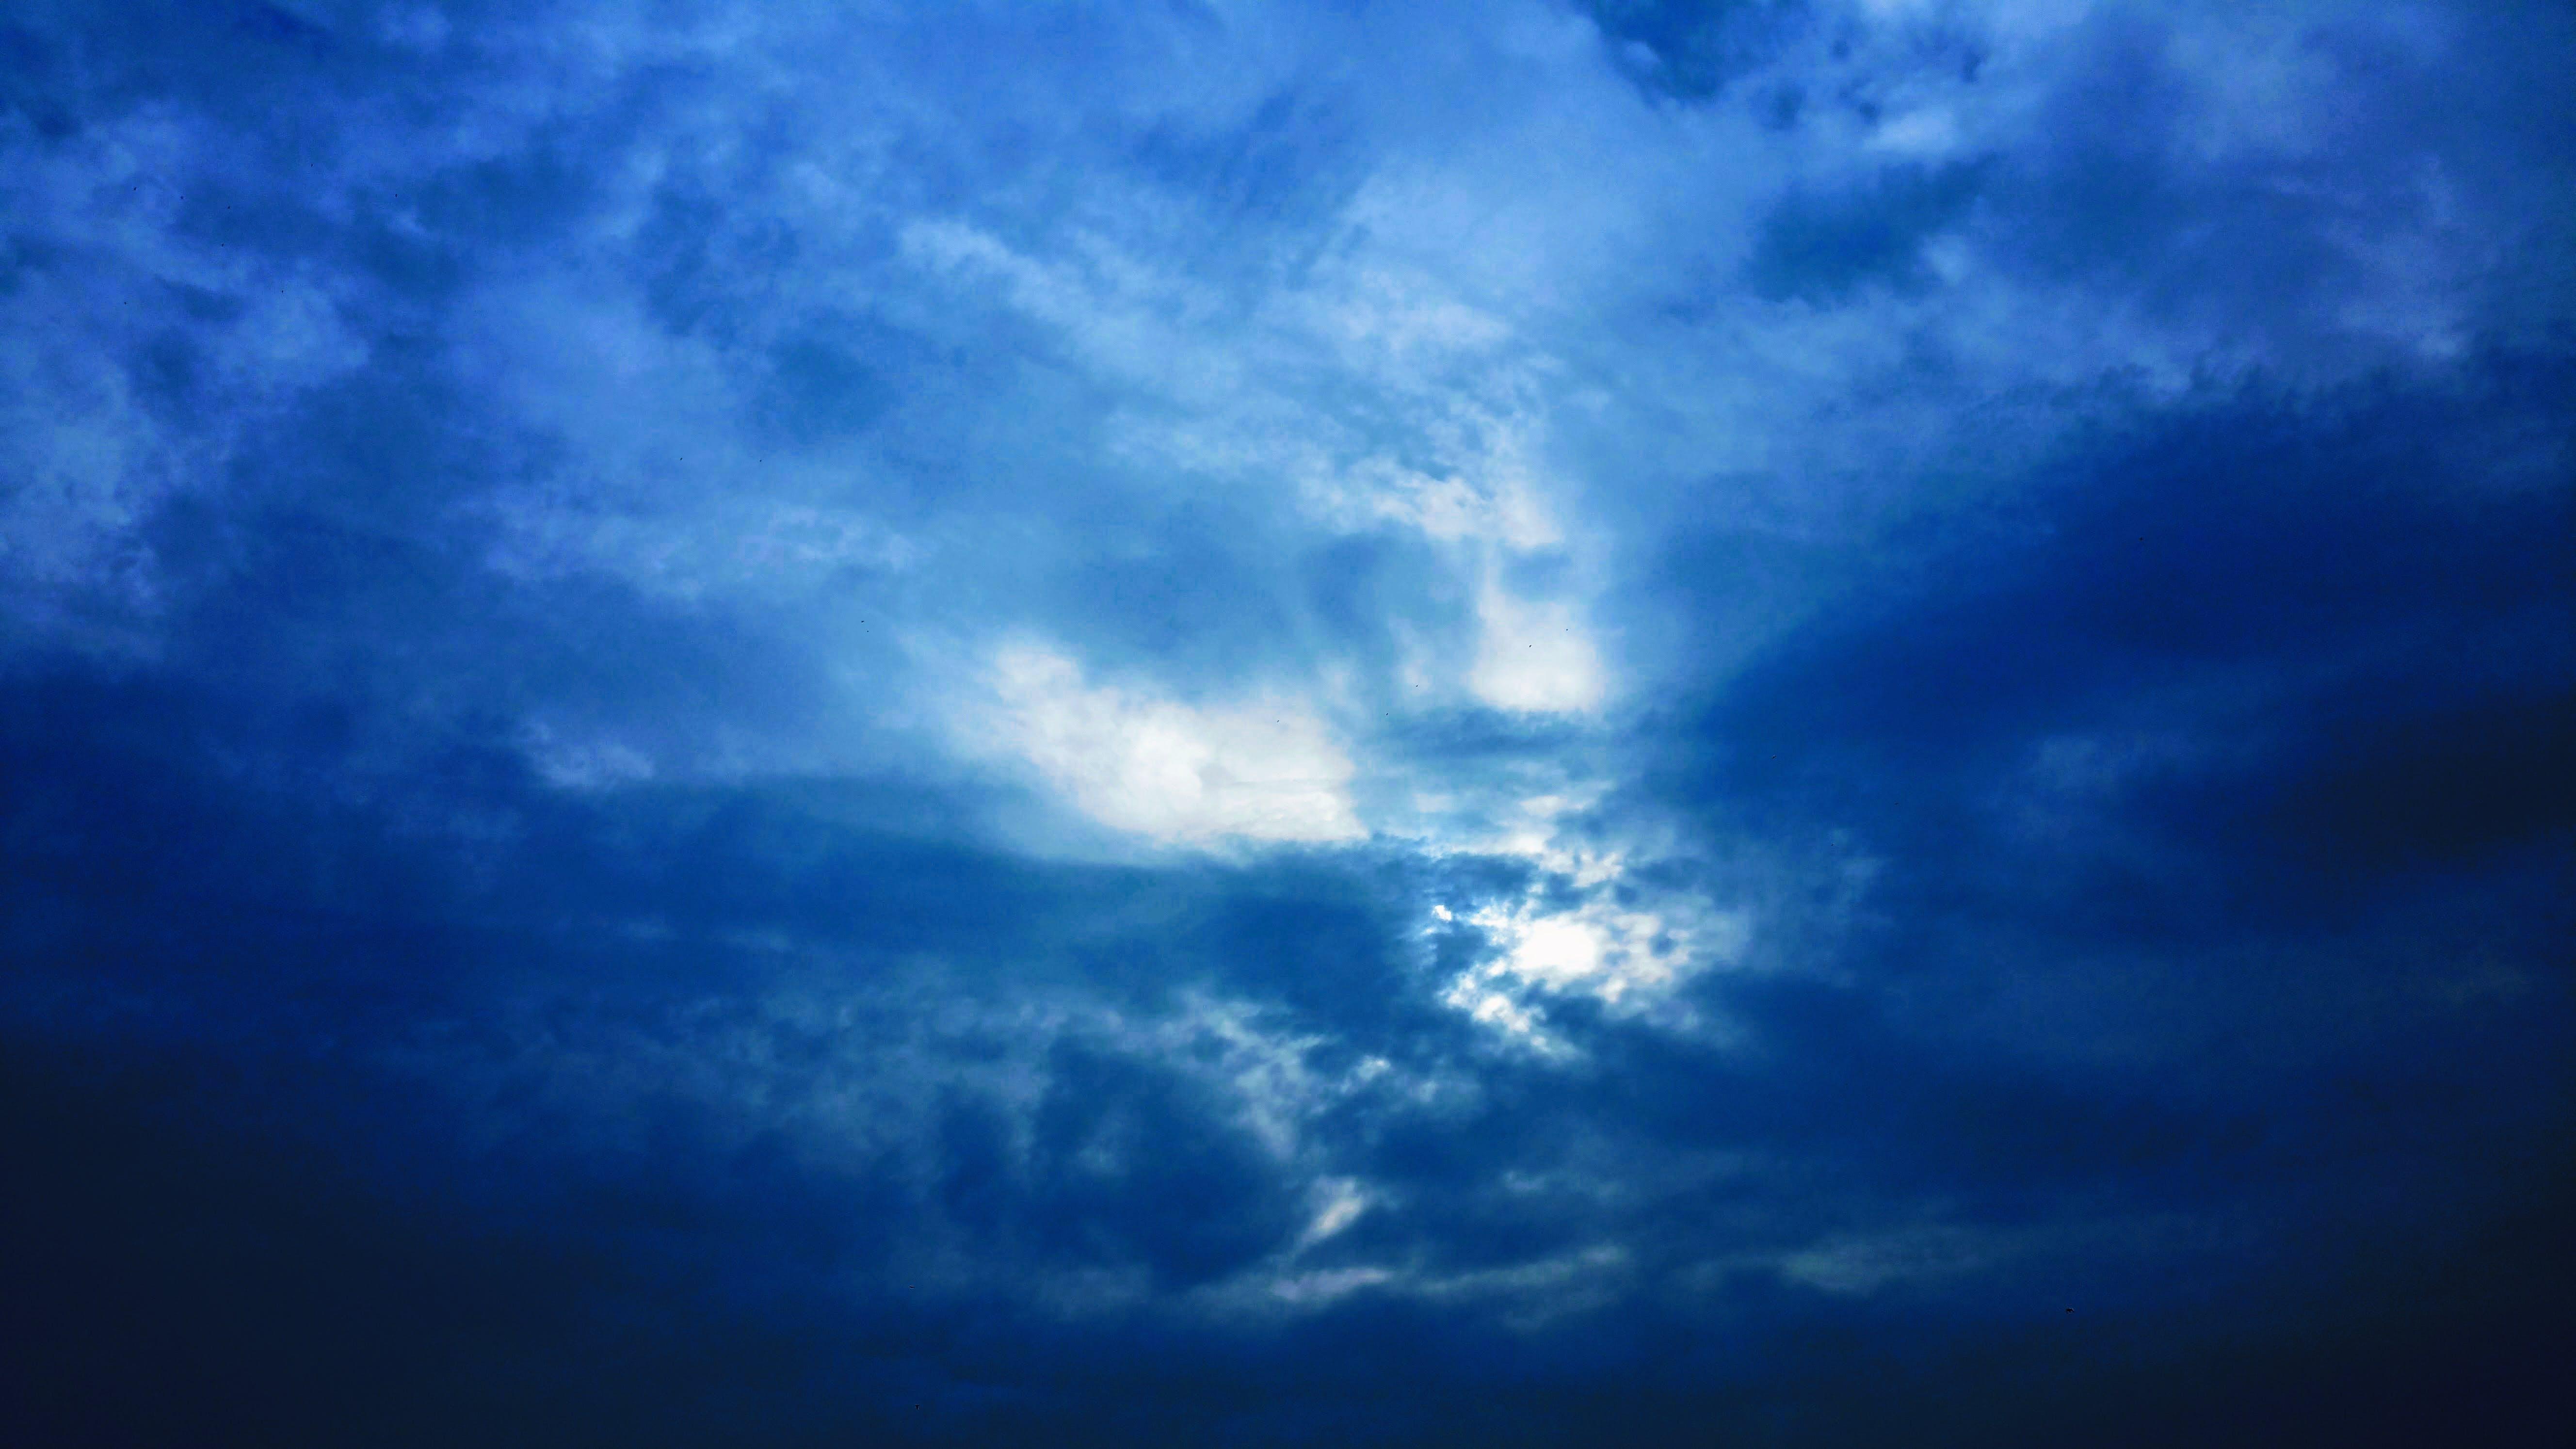 Fotos de stock gratuitas de alto, ambiente, azul, cielo